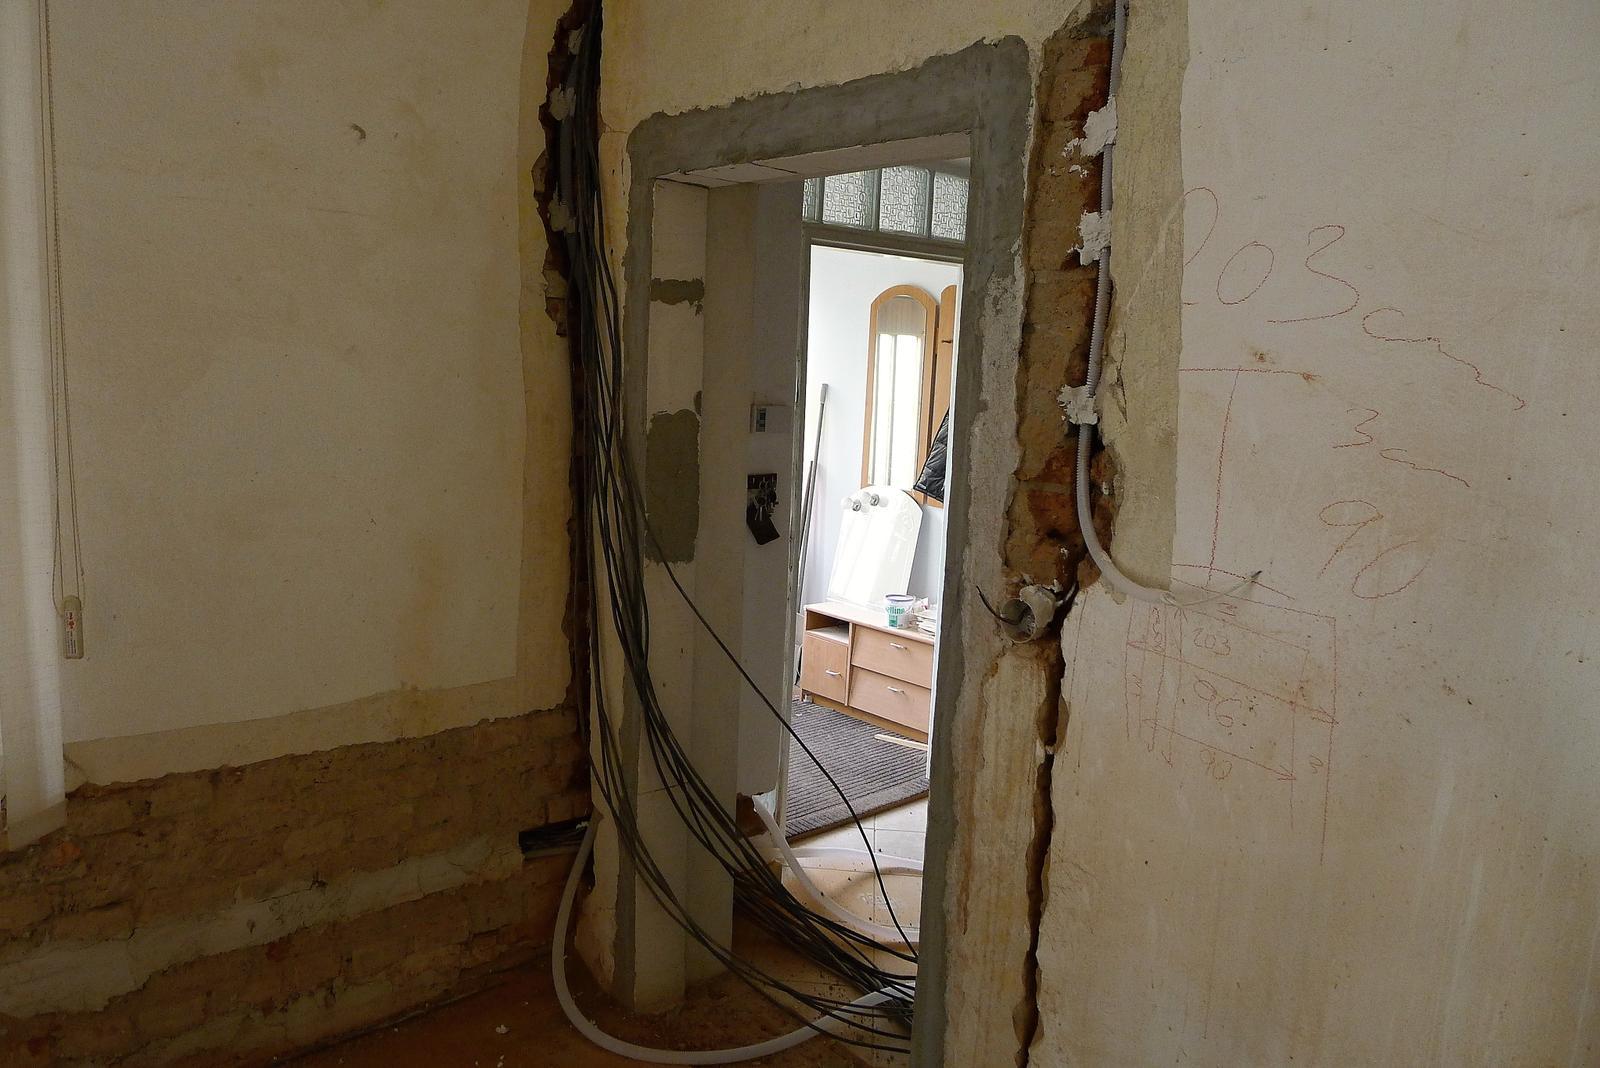 Rekonstrukce našeho domečku - Obrázek č. 84